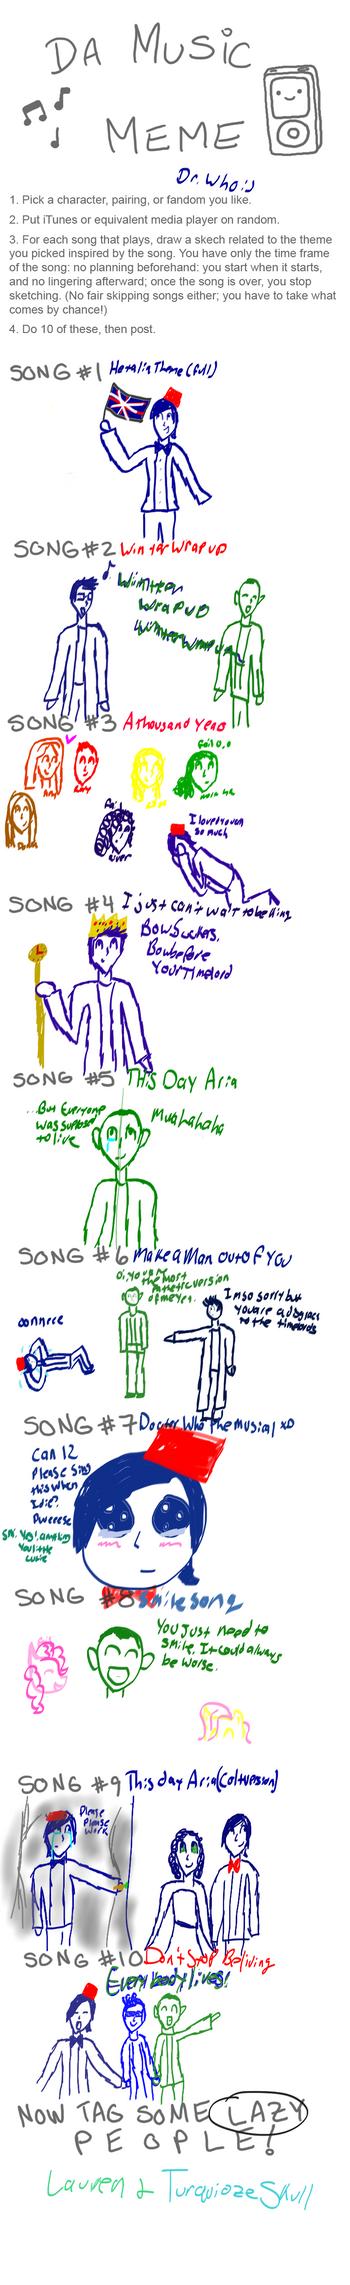 Music Meme by Mikkiizawierdo